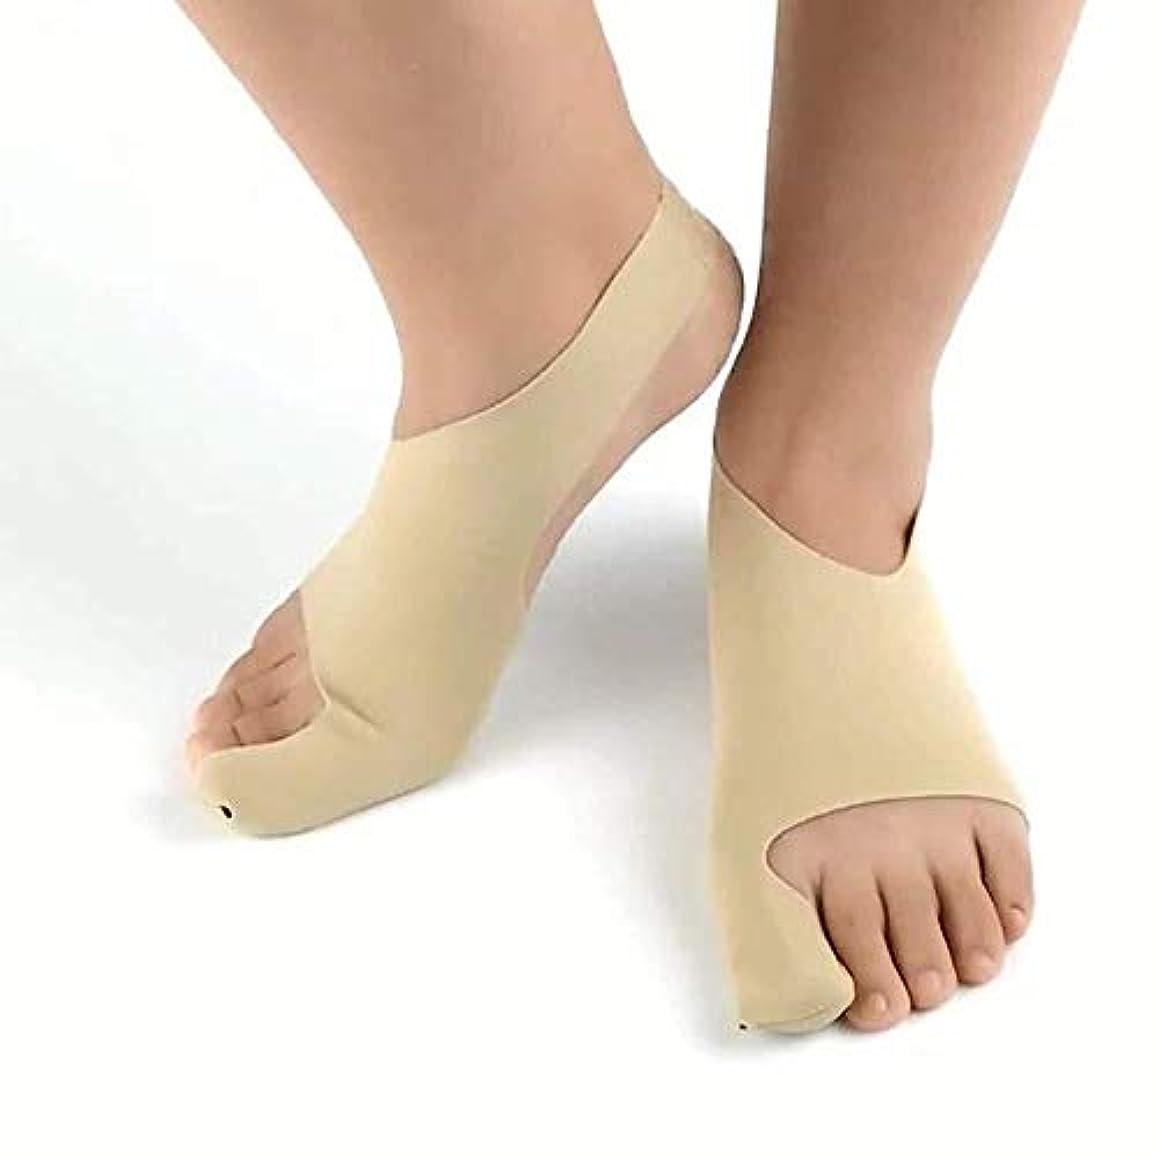 外反母ortho装具、超薄型整形外科大足指外反母gusは、ランニング/スポーツの治療と足の痛みの緩和をサポートします,L